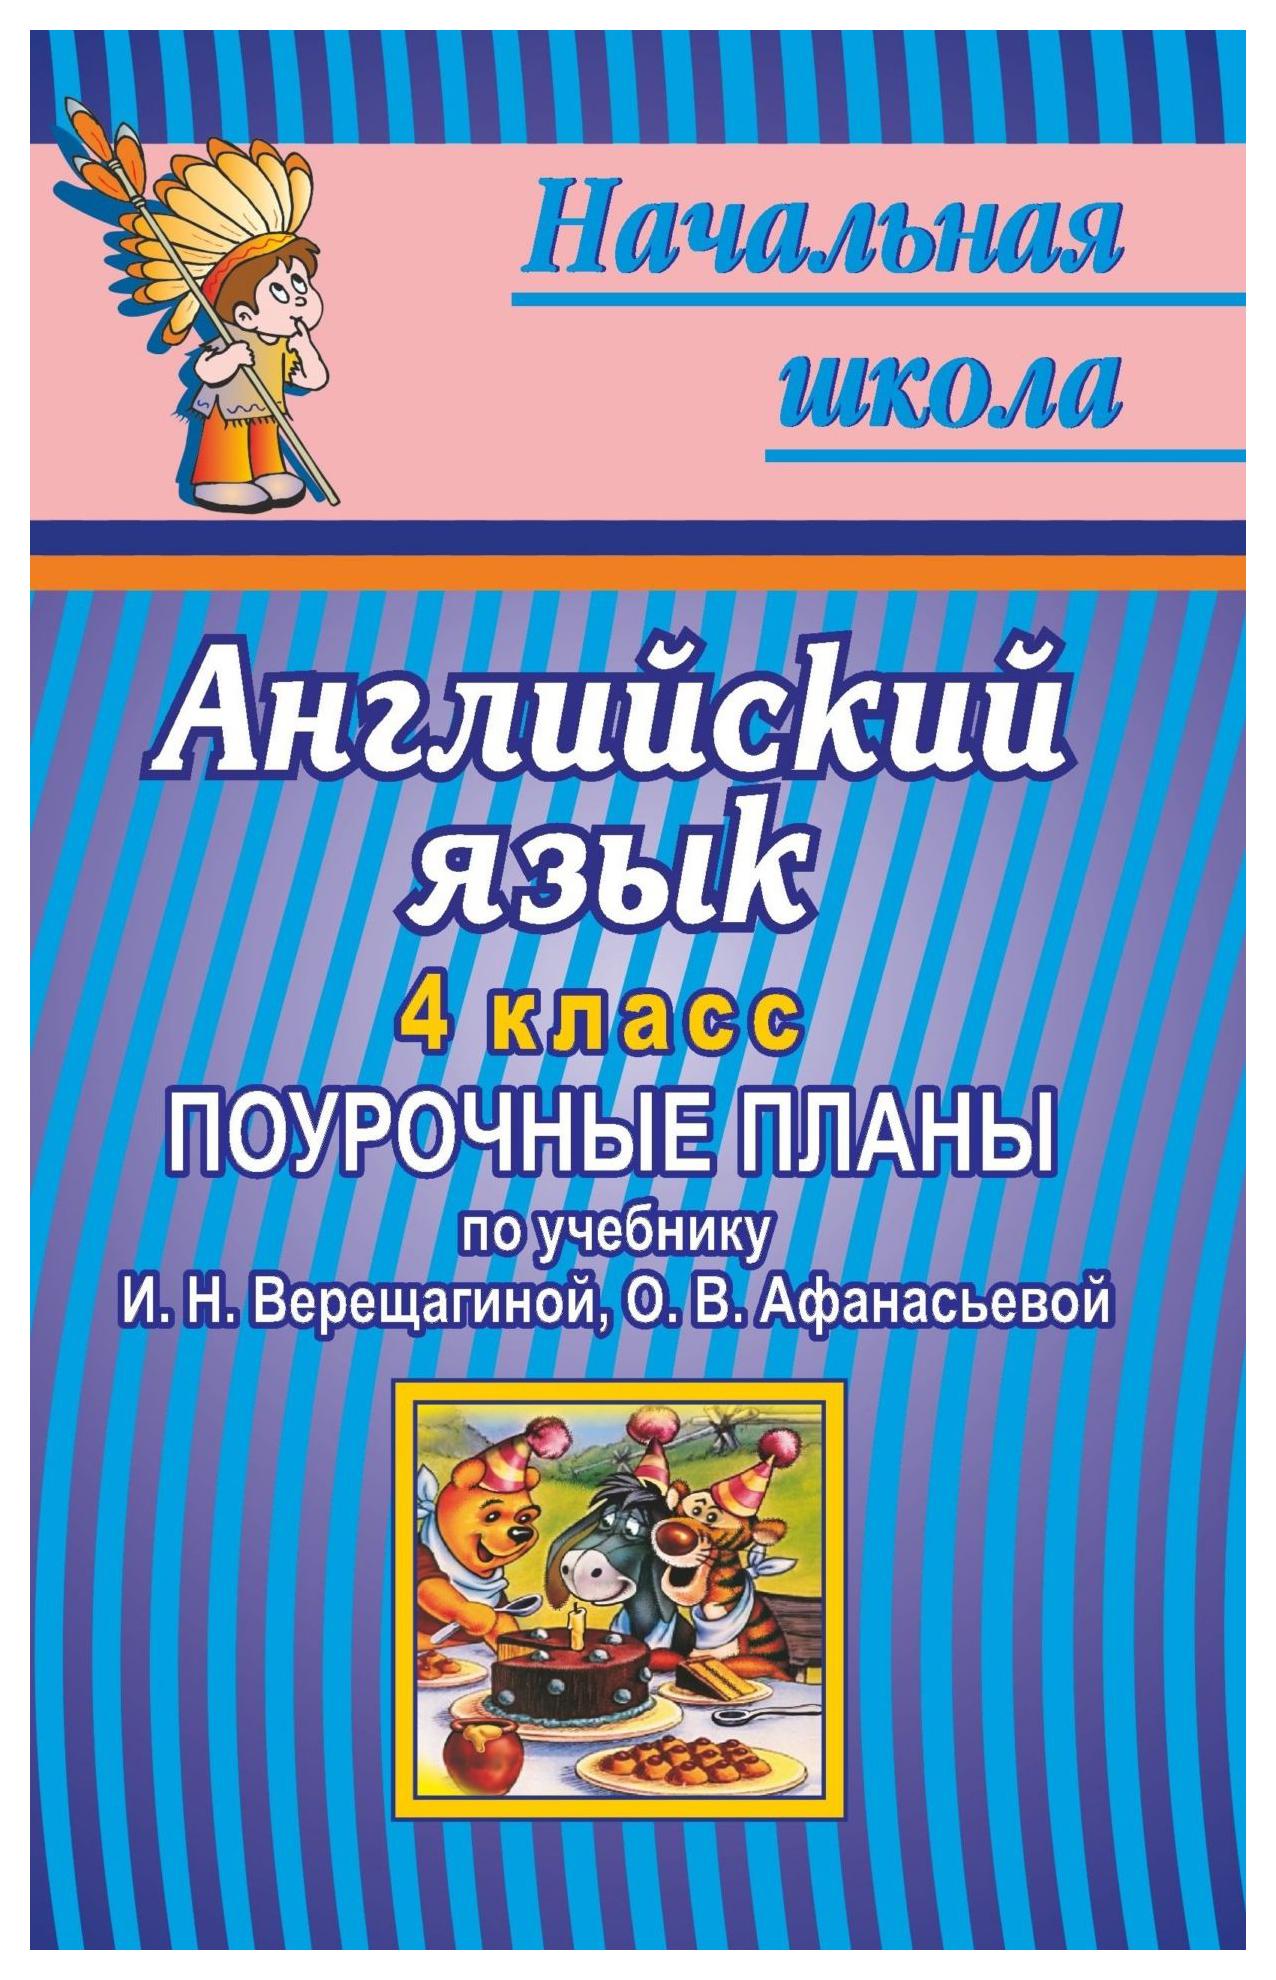 Английский язык. 4 класс. Поурочные планы по учебнику И. Н. Верещагиной, О. В. Афанасьевой